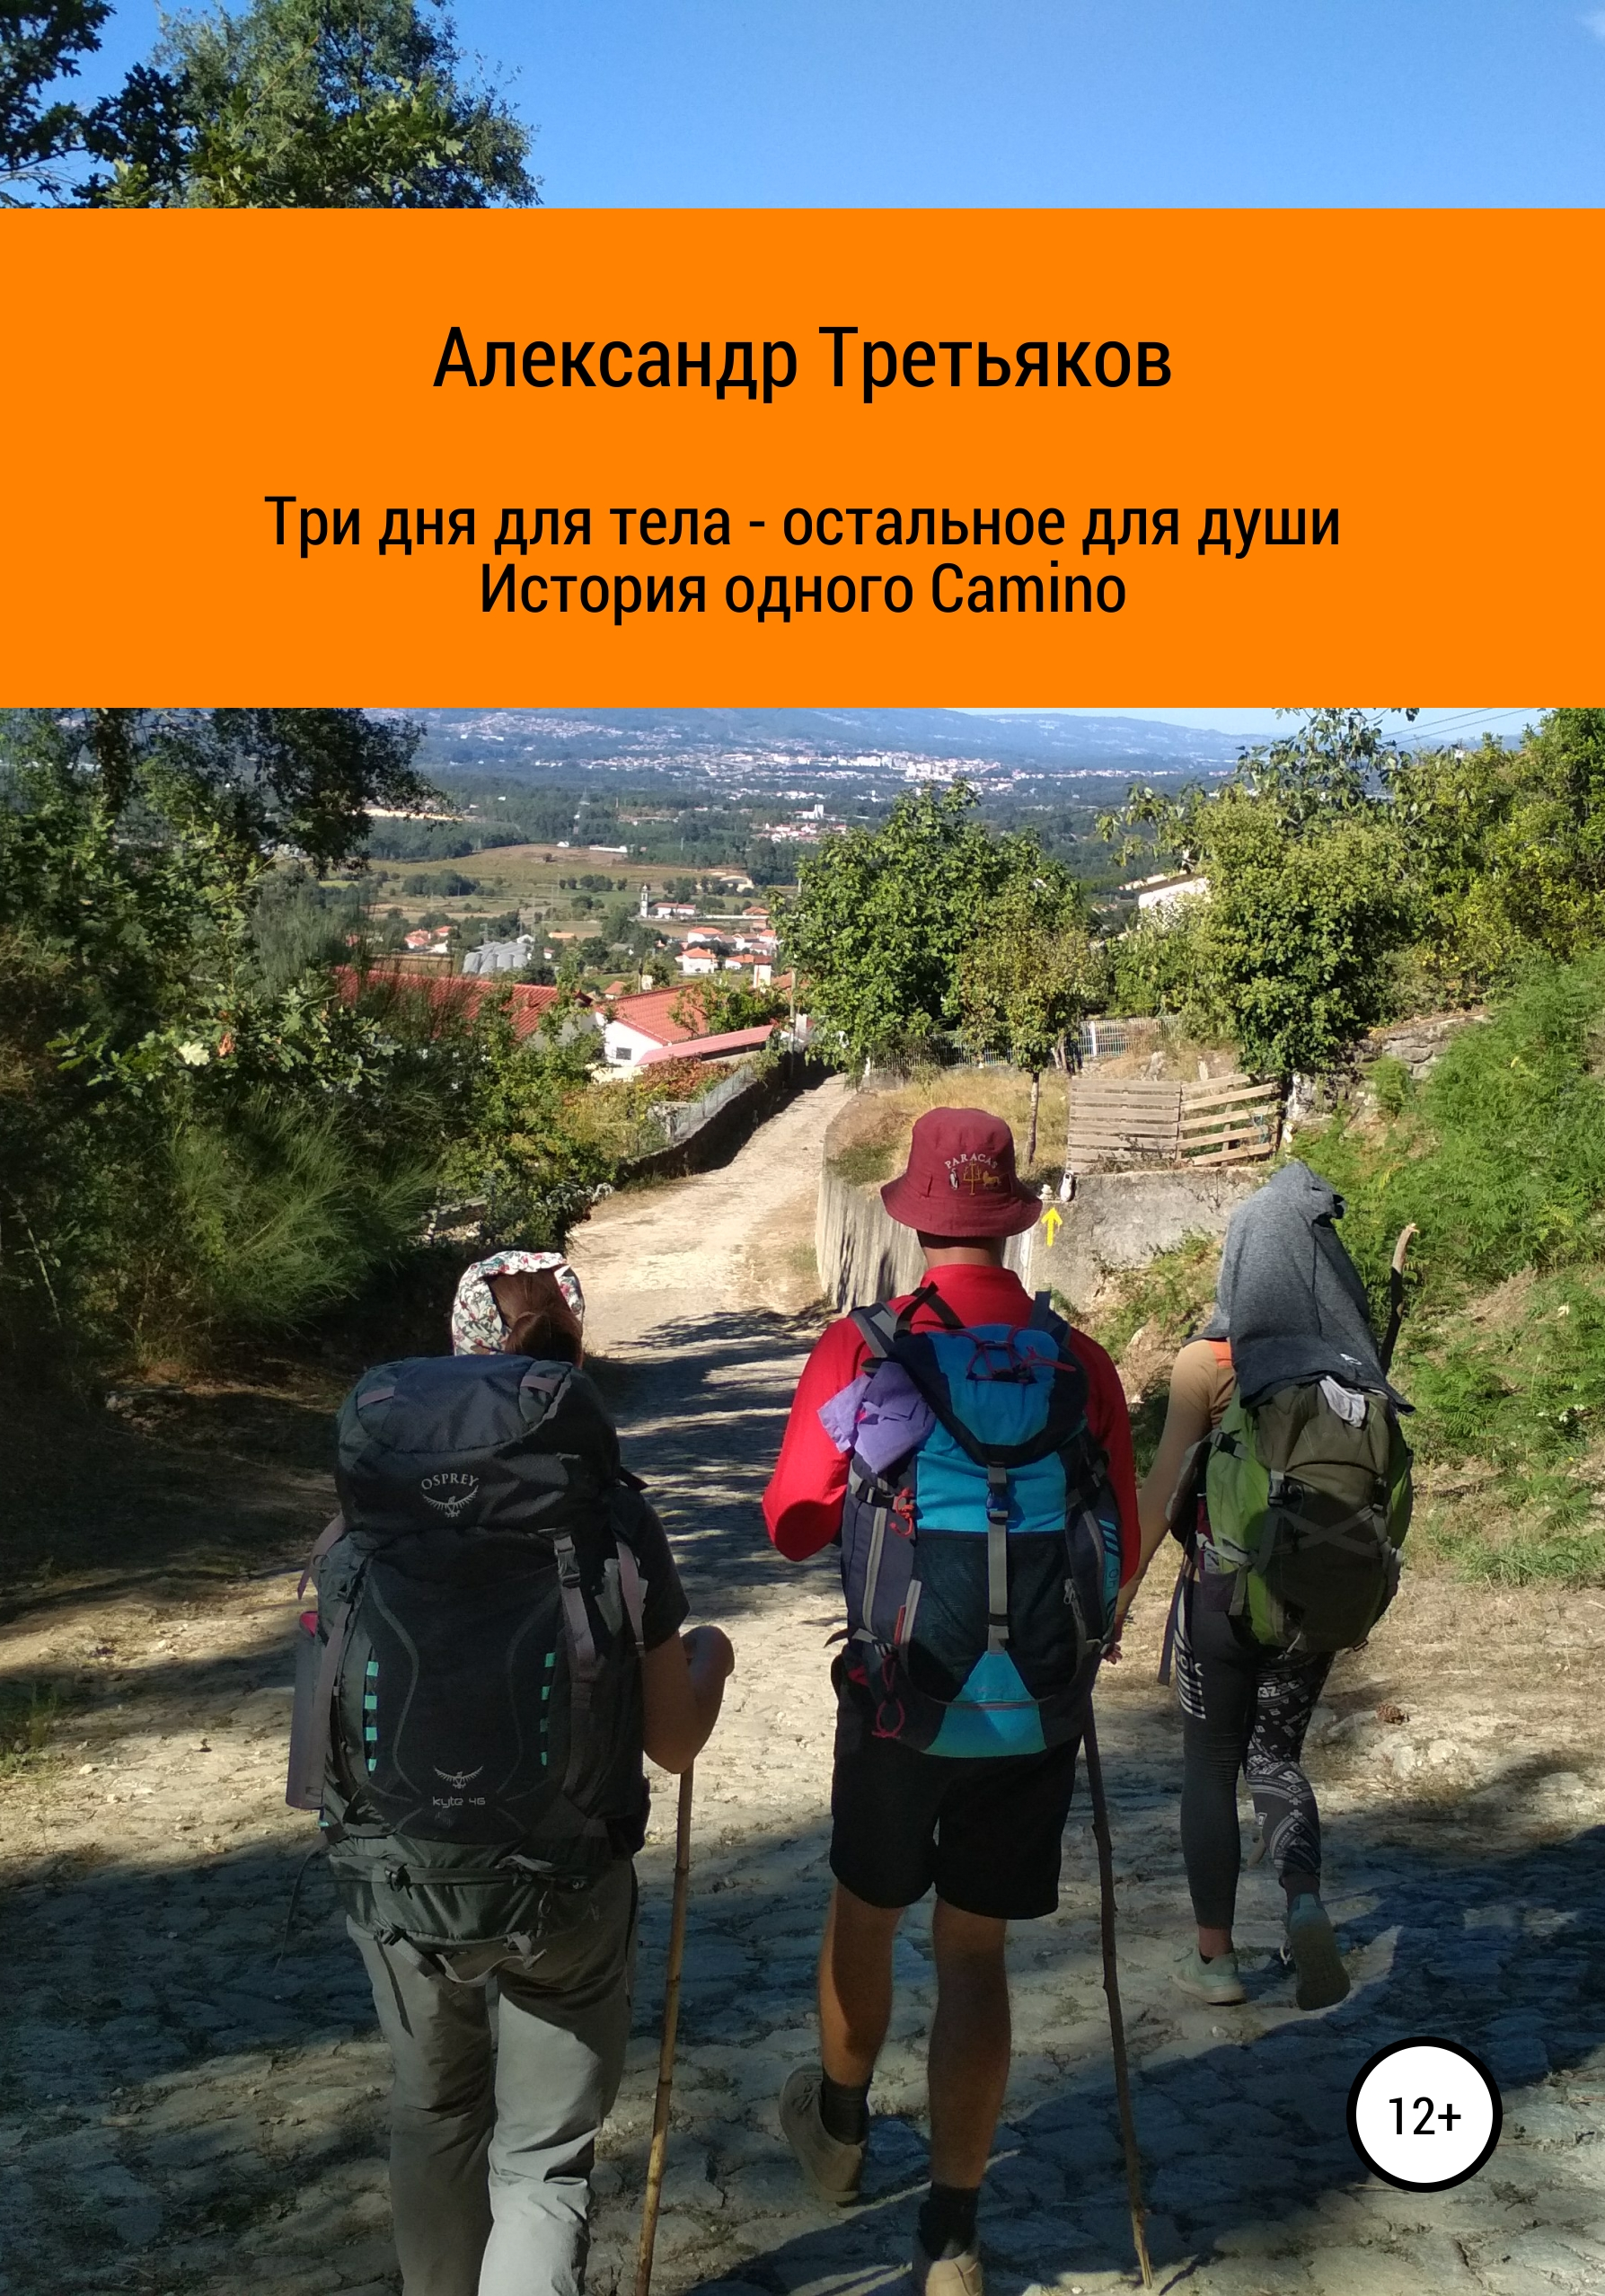 Три дня для тела – остальное для души. История одного Camino